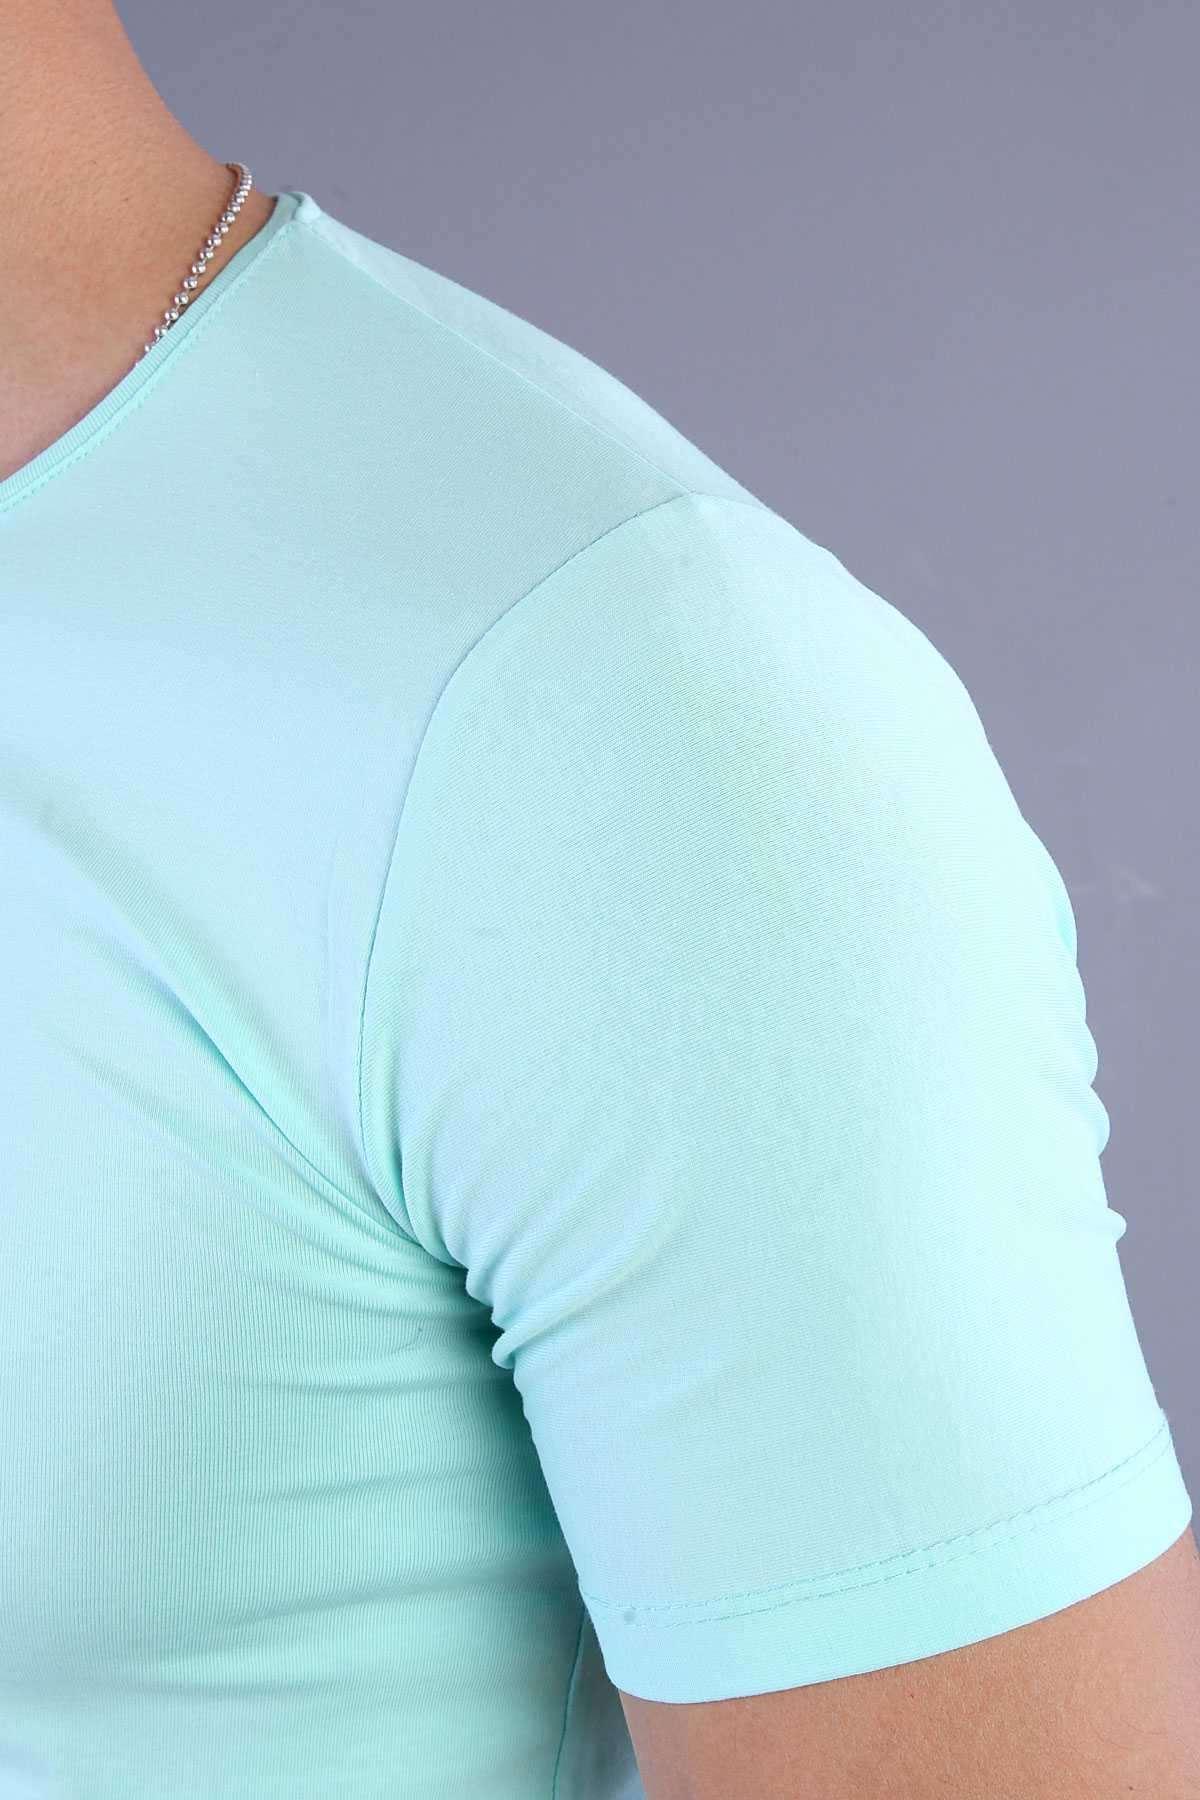 Sakallı Adam Baskılı Sıfır Yaka Tişört Mint